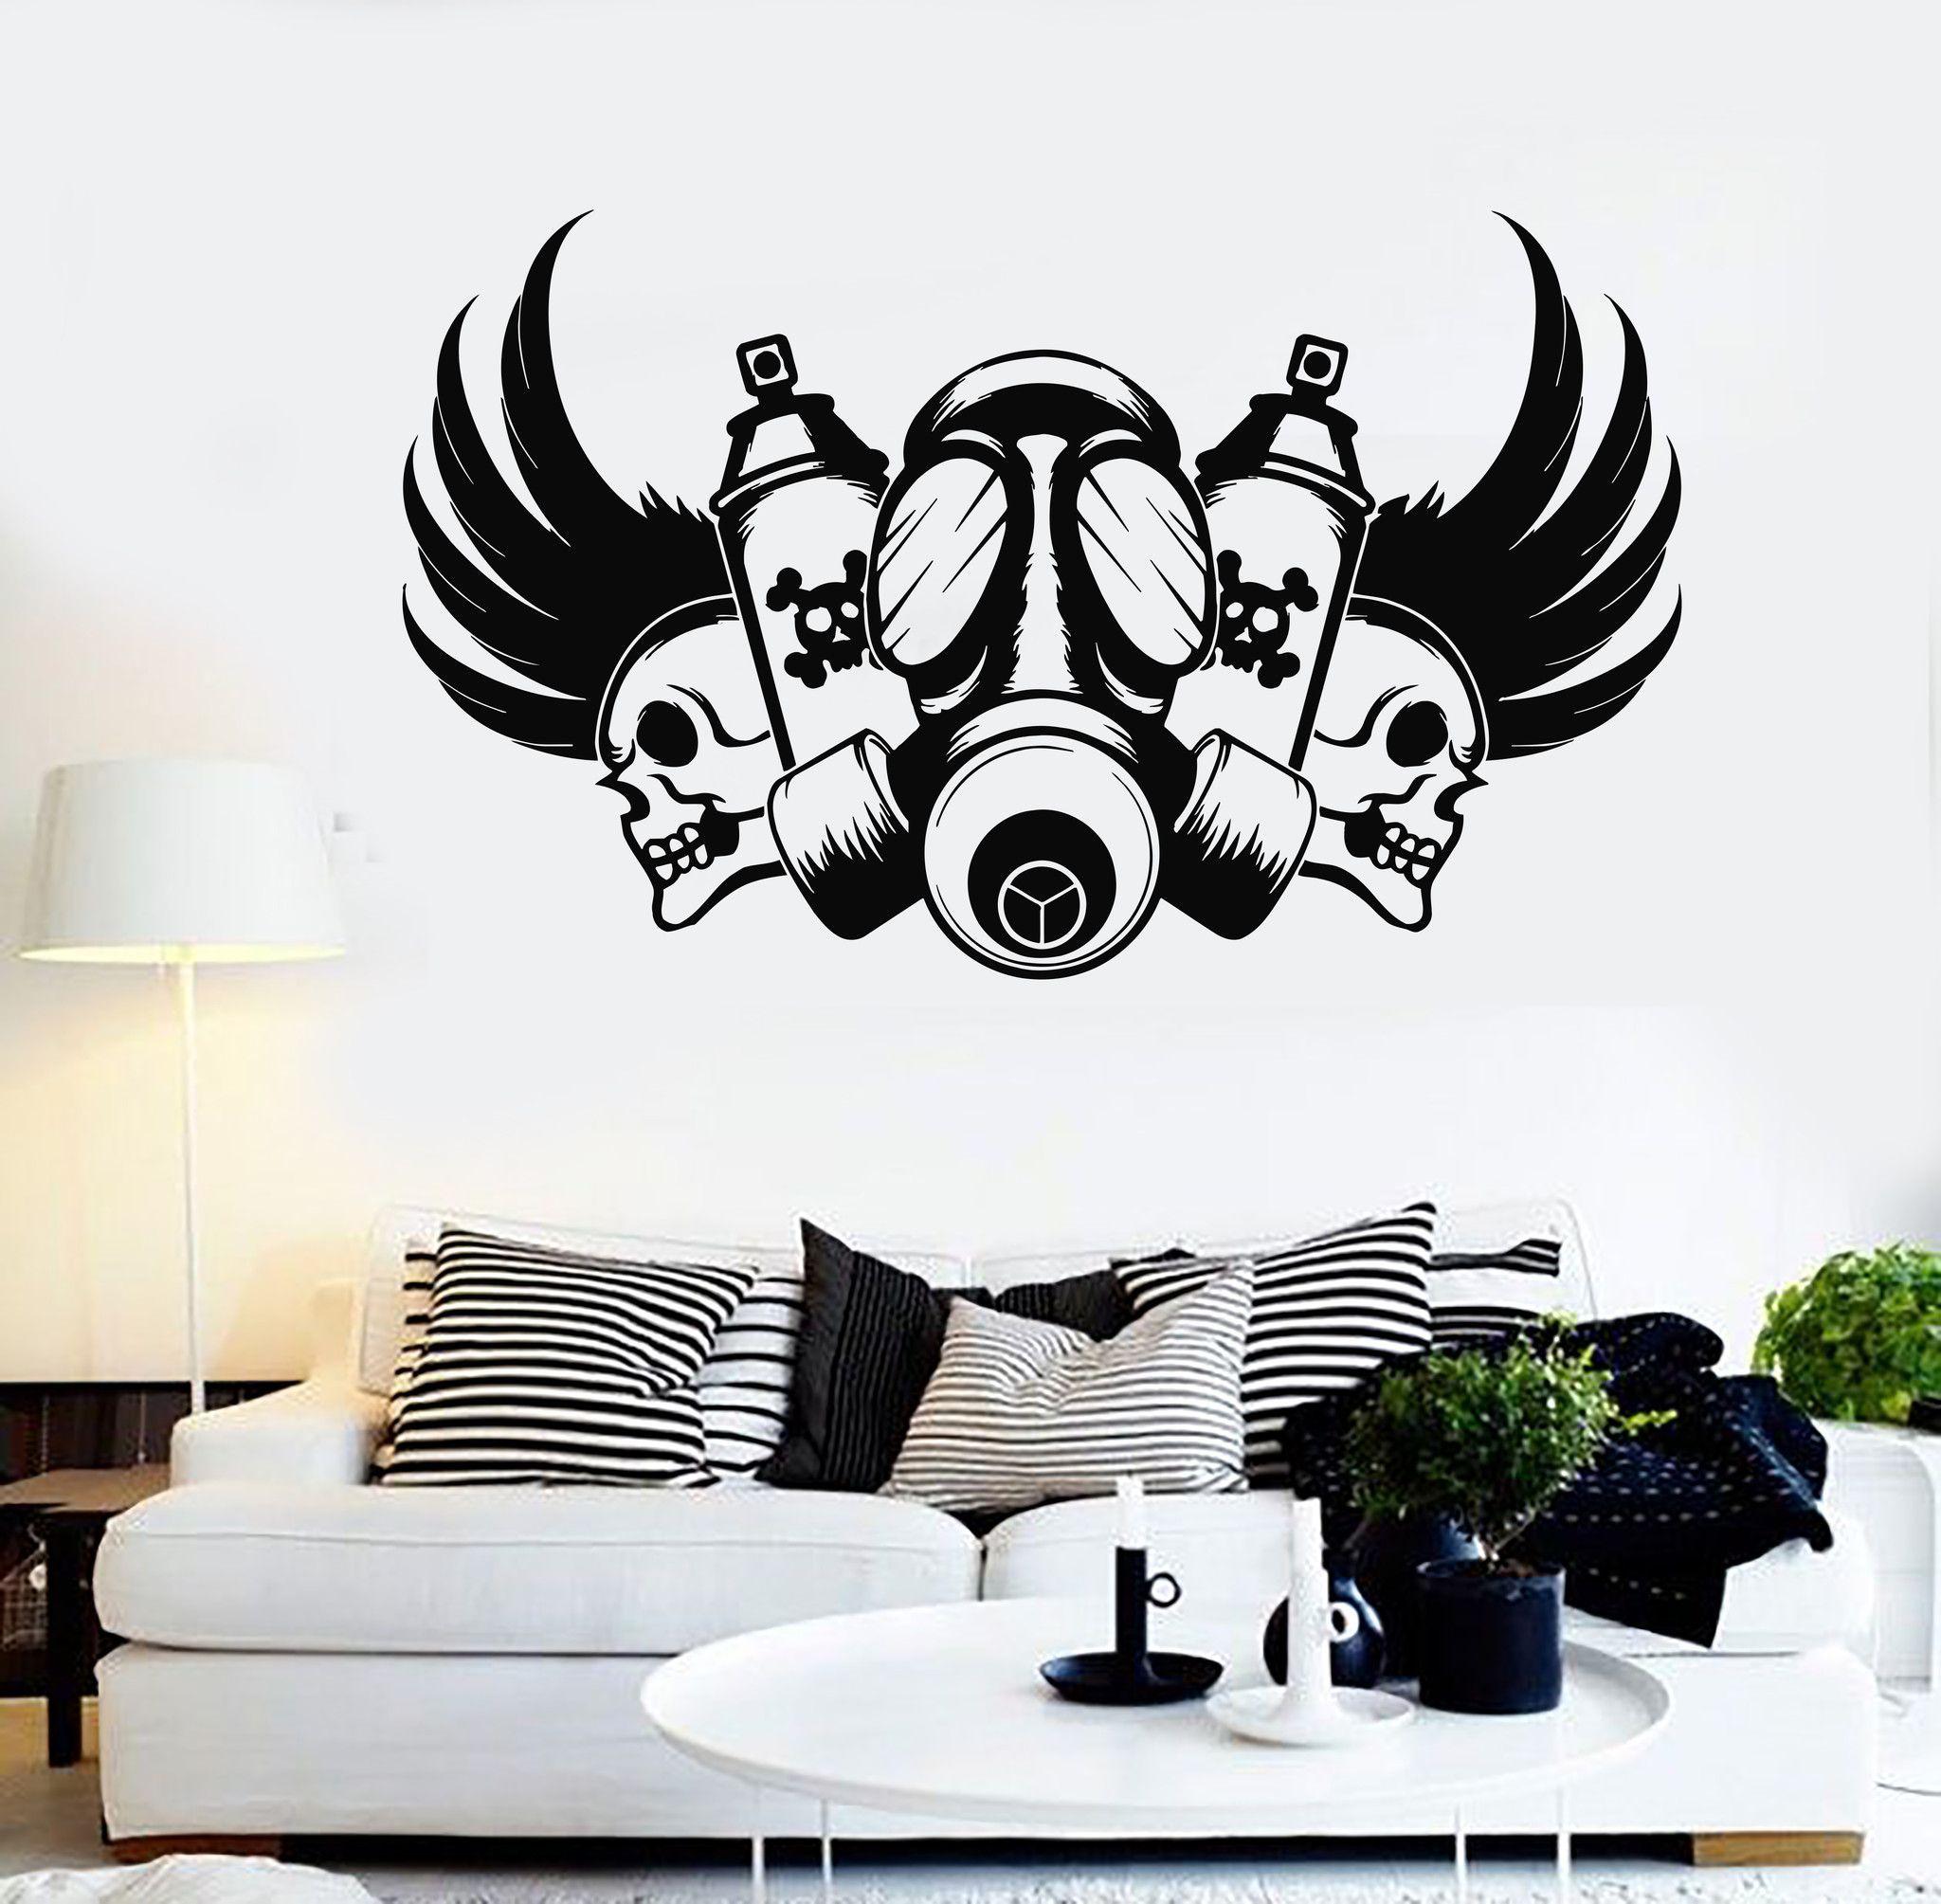 Grafitti wall sticker - Vinyl Wall Decal Graffiti Artist Skull Gas Mask Stickers Mural 554ig